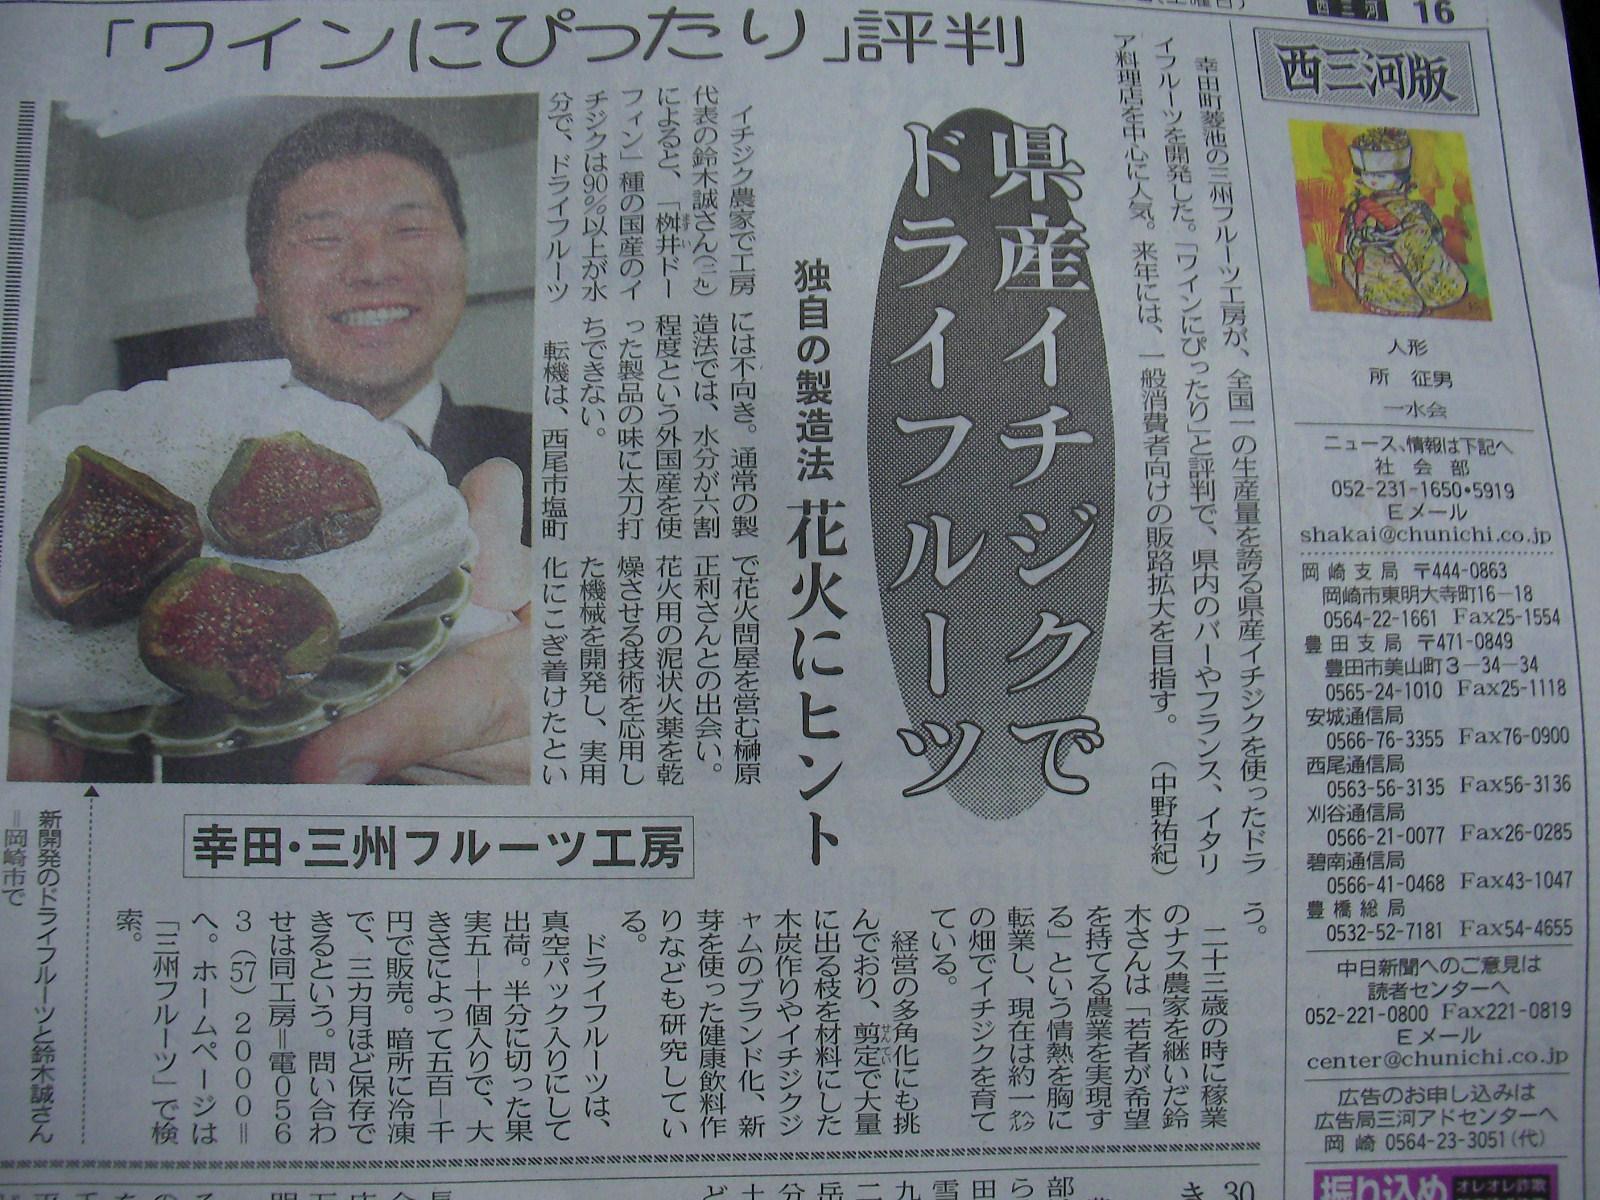 三州フルーツ工房鈴木さん、中日新聞に登場!